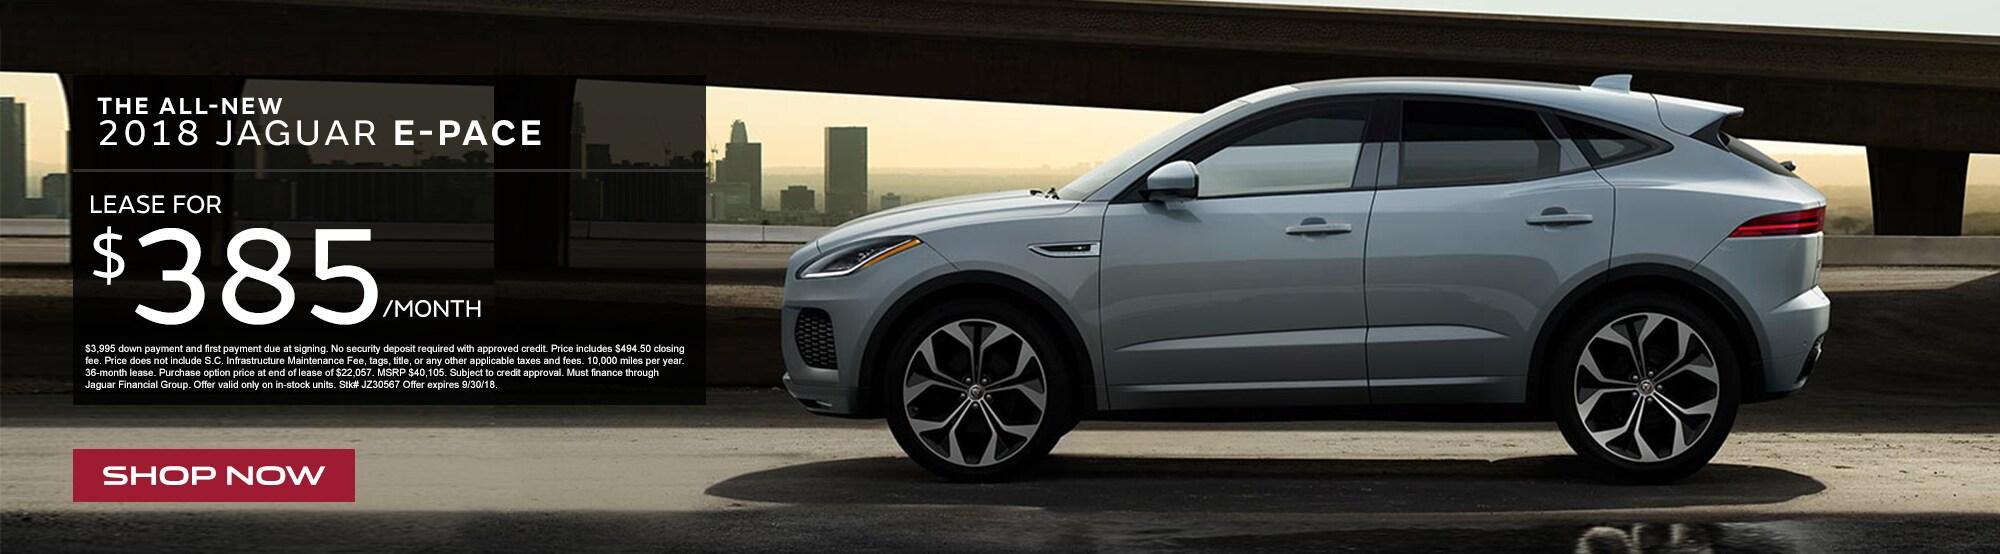 Jaguar dealer hardeeville sc jaguar hilton head previous next solutioingenieria Images